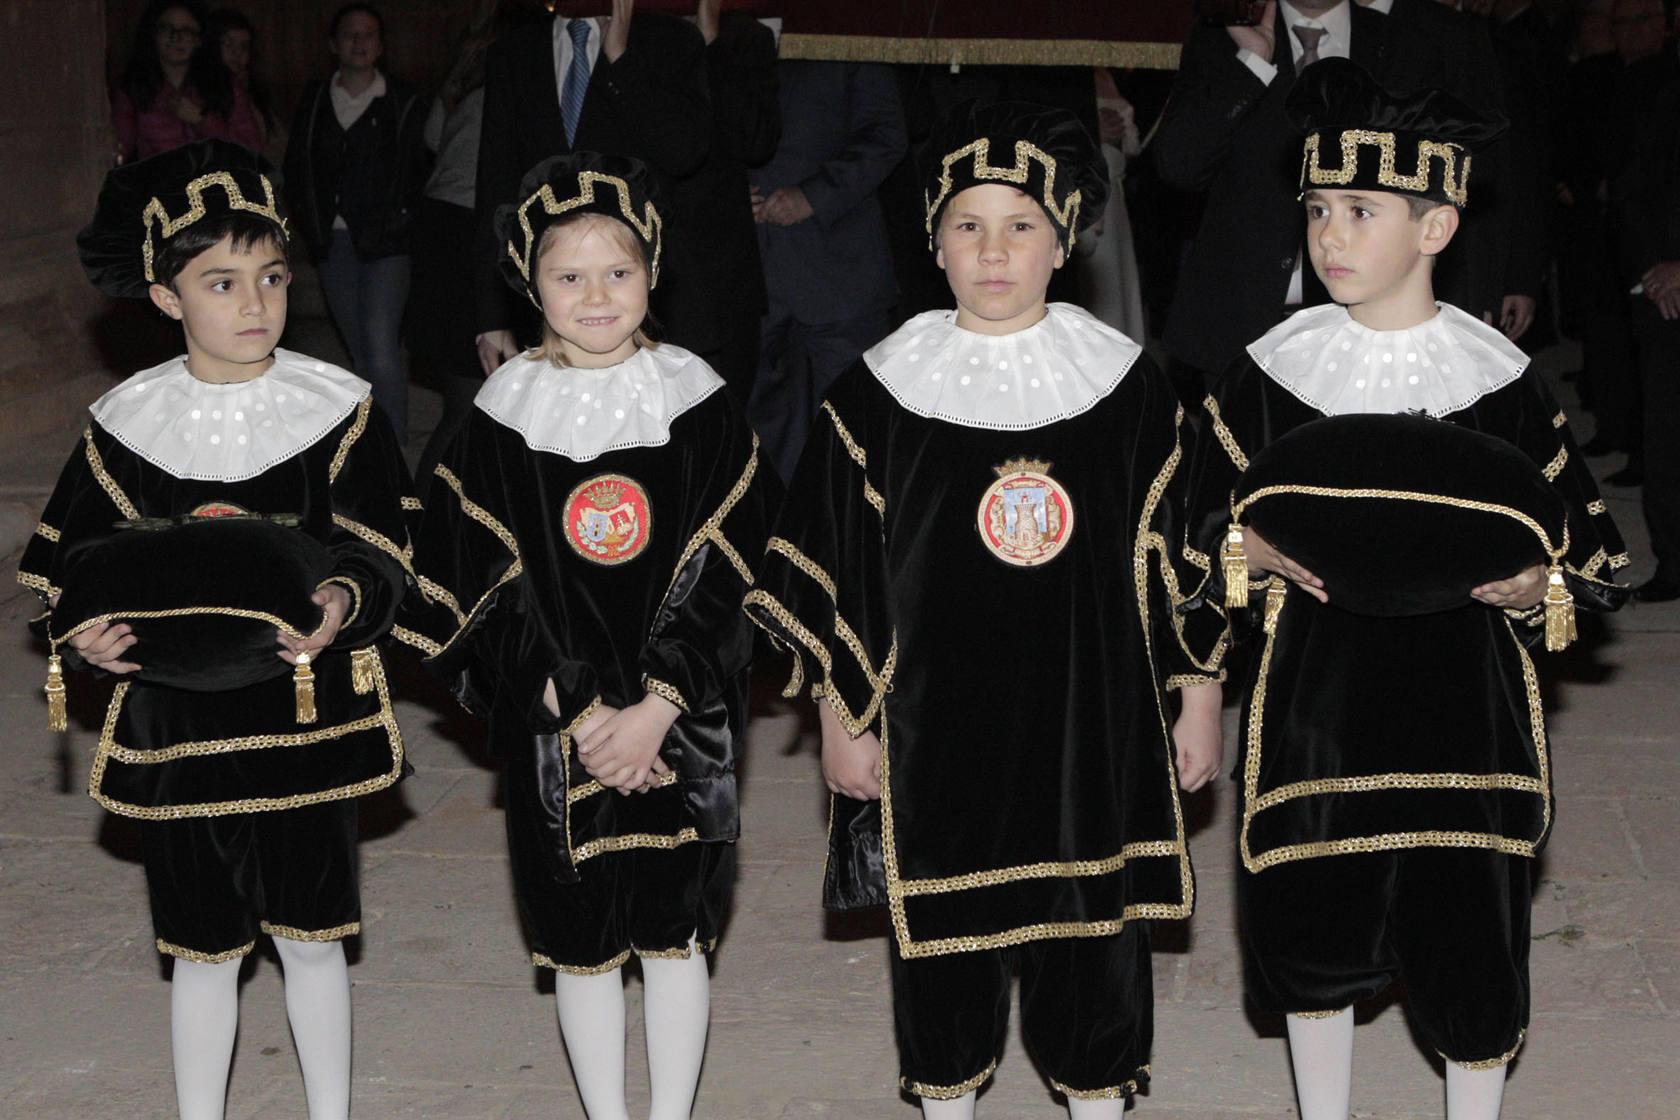 Procesión de la Hermandad de la Curia en Lorca